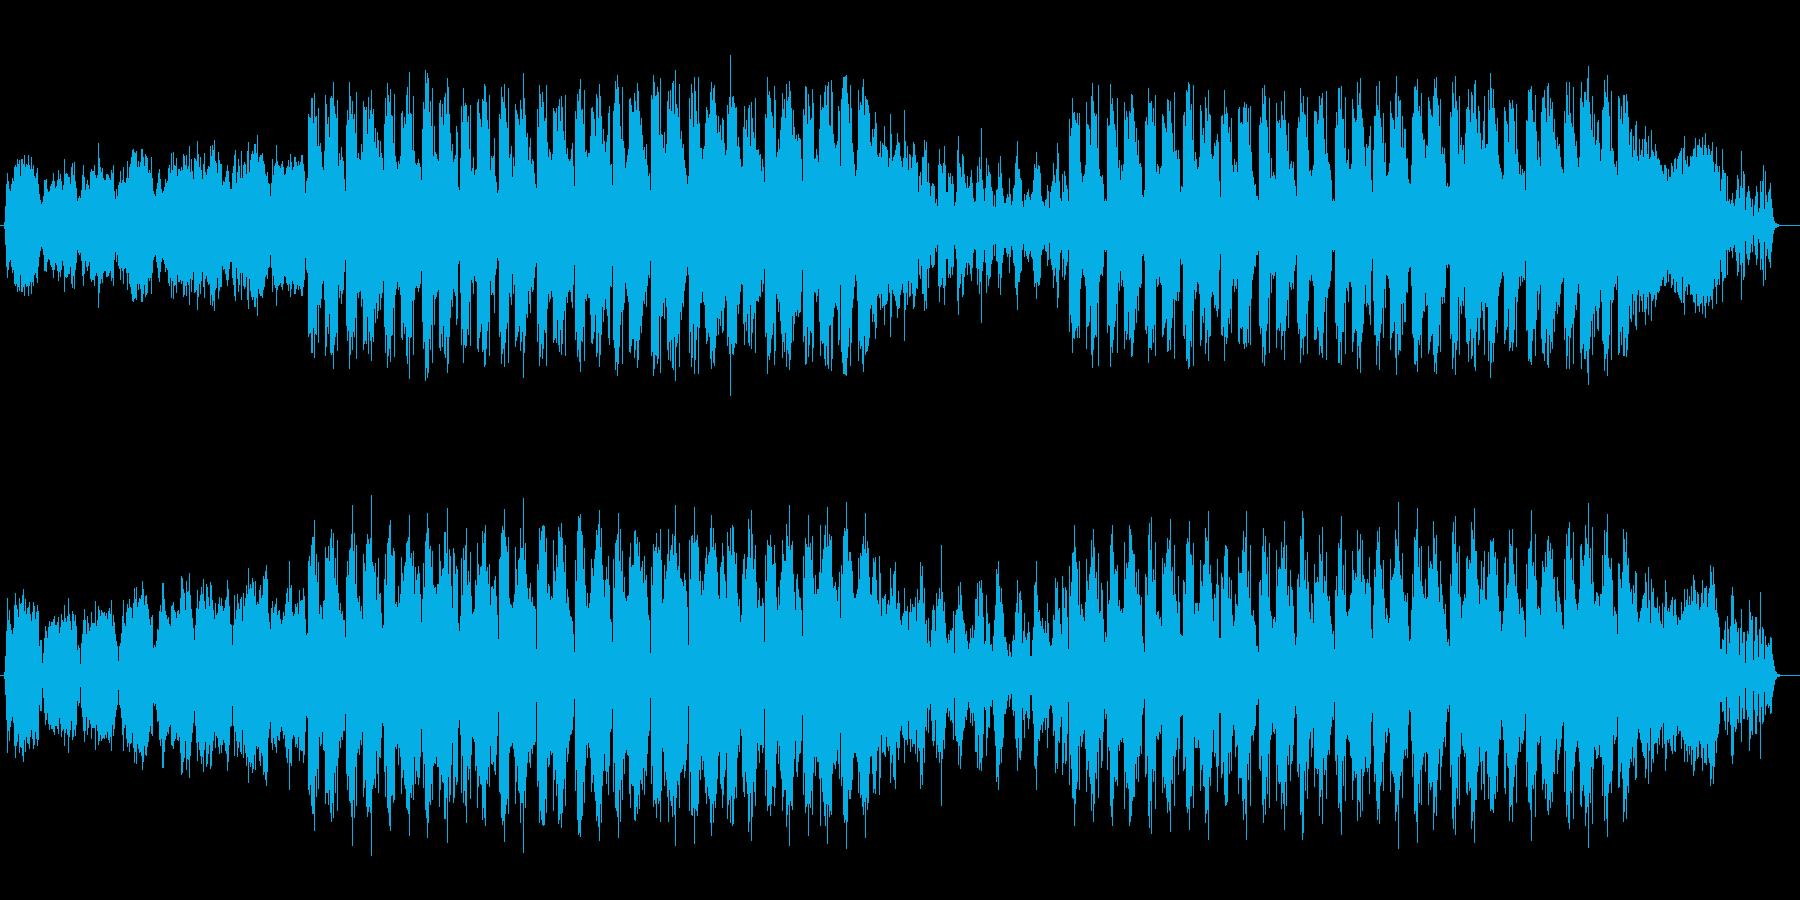 シンセサイザーの流れるようなサウンドの再生済みの波形